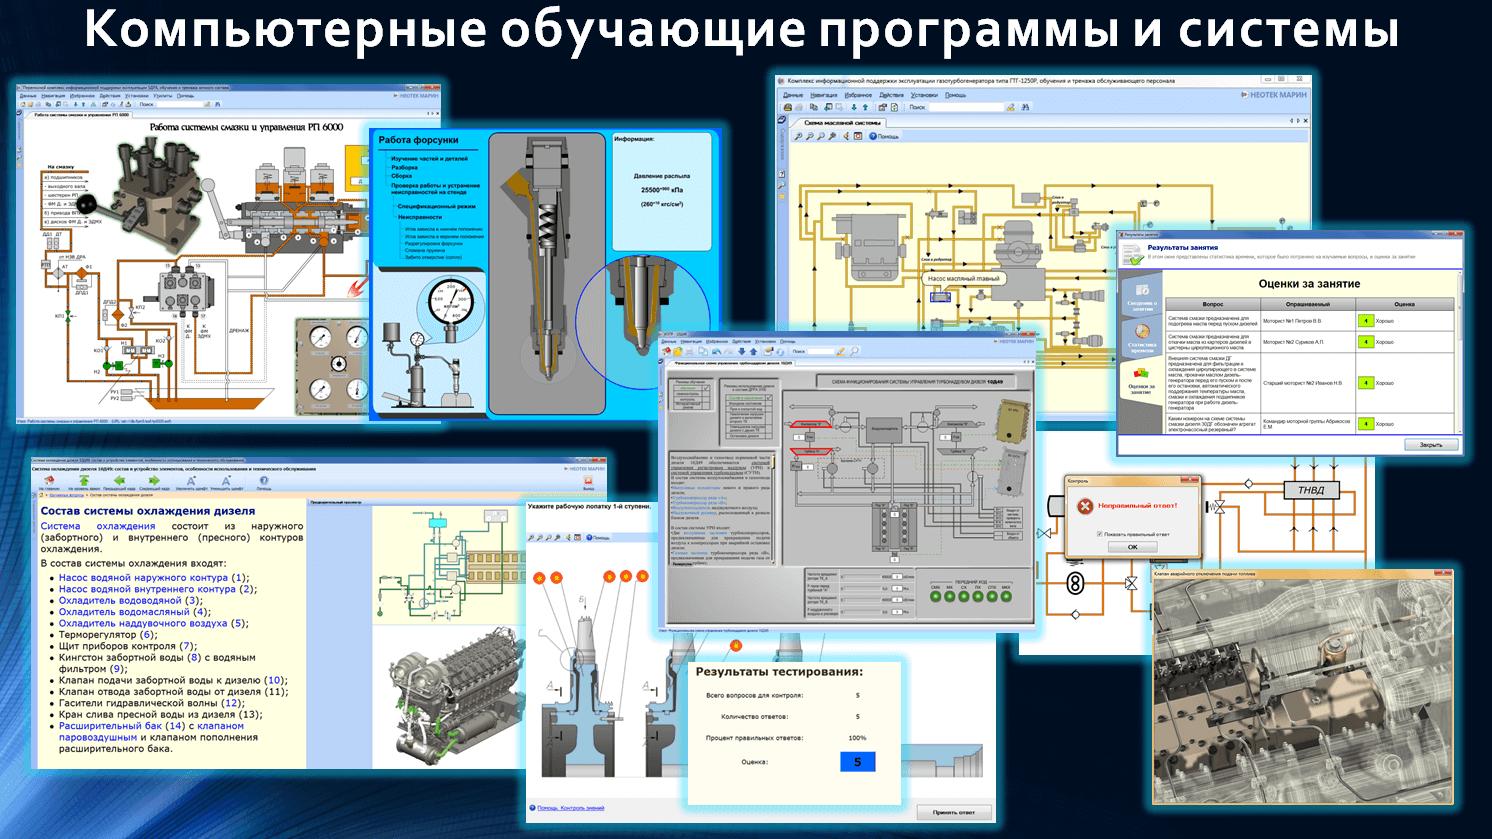 Компьютерные обучающие программы и системы